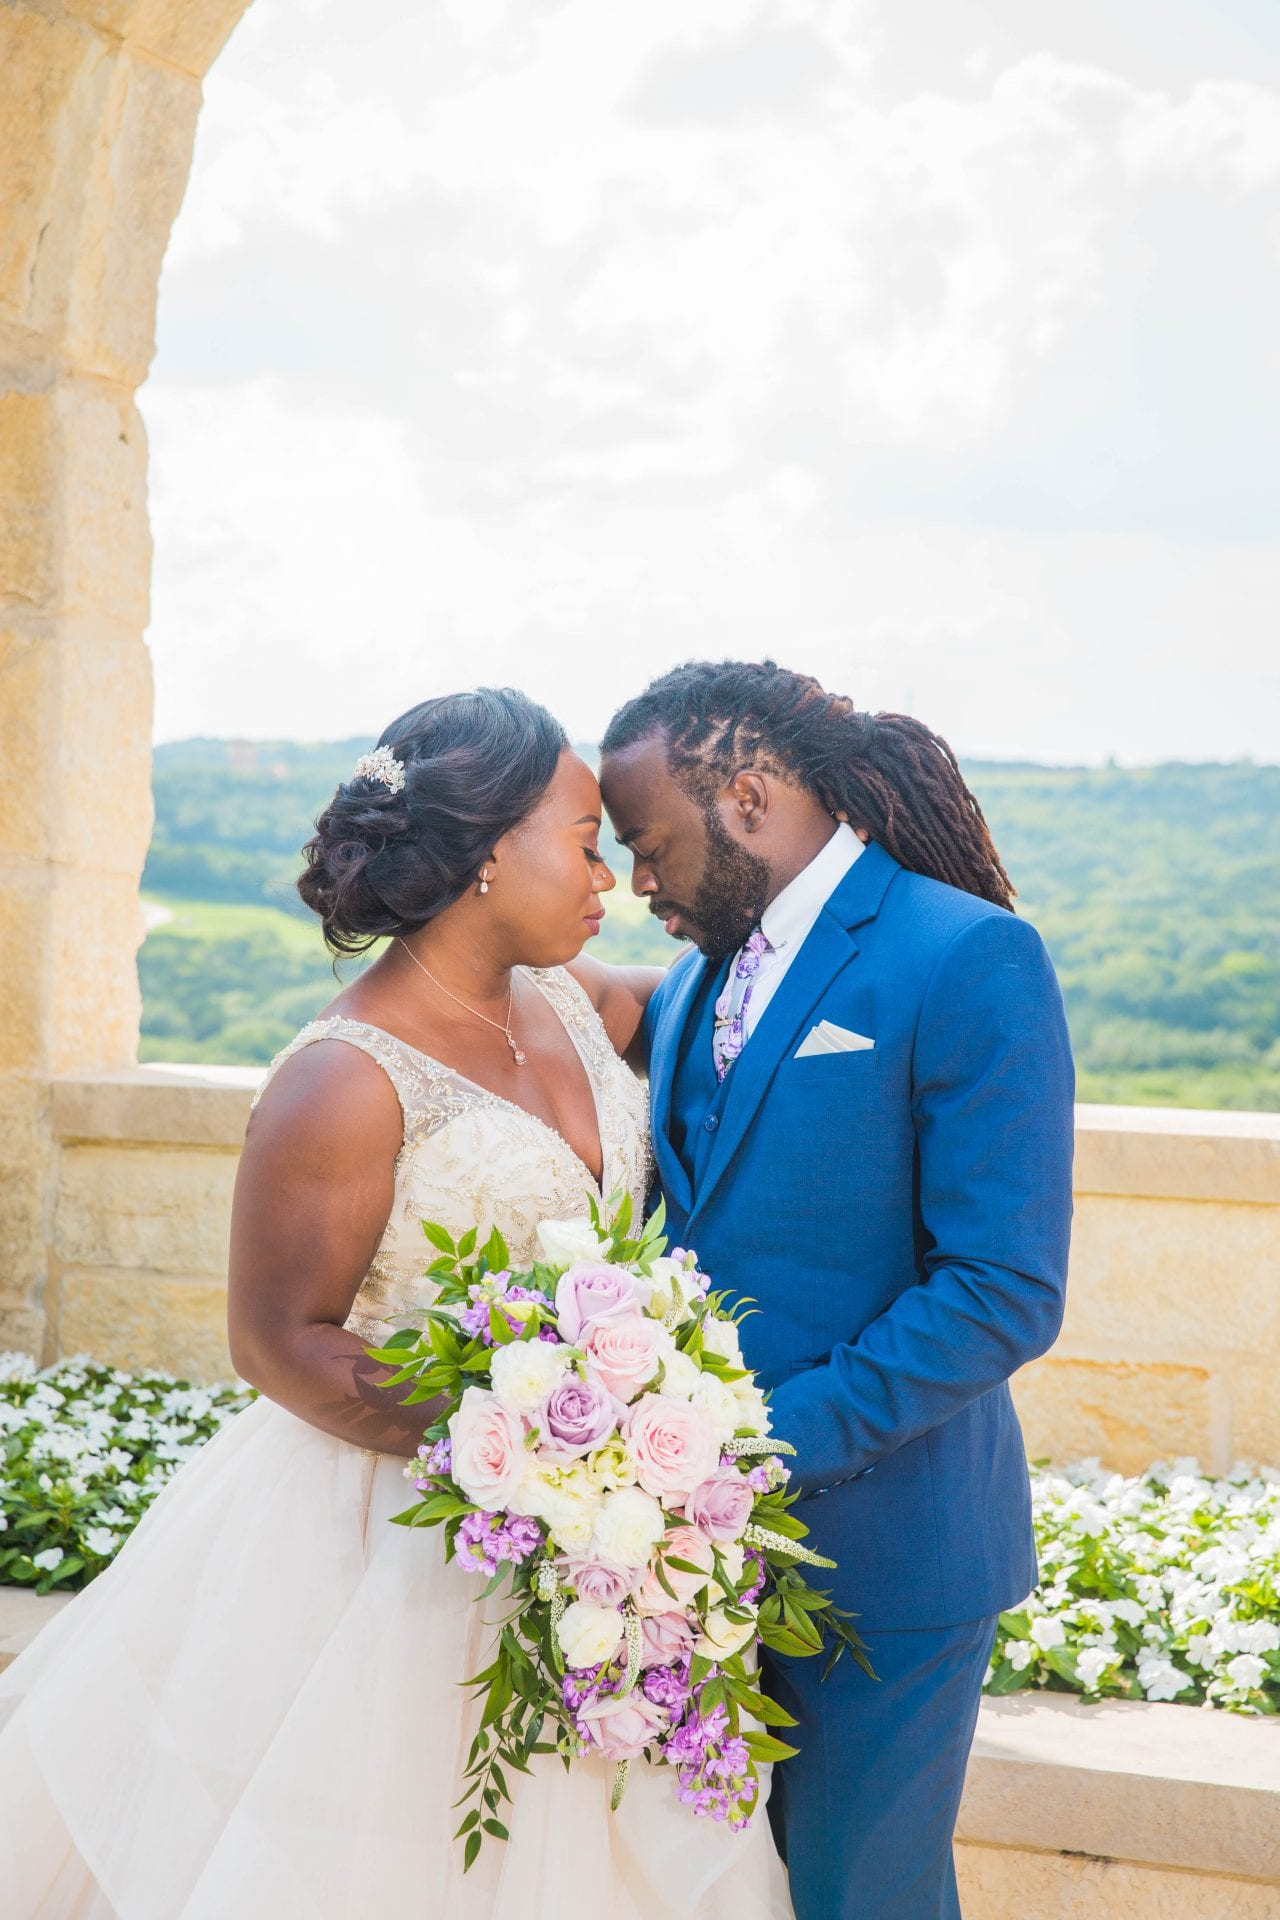 Onyema wedding La Cantera arches heads touching